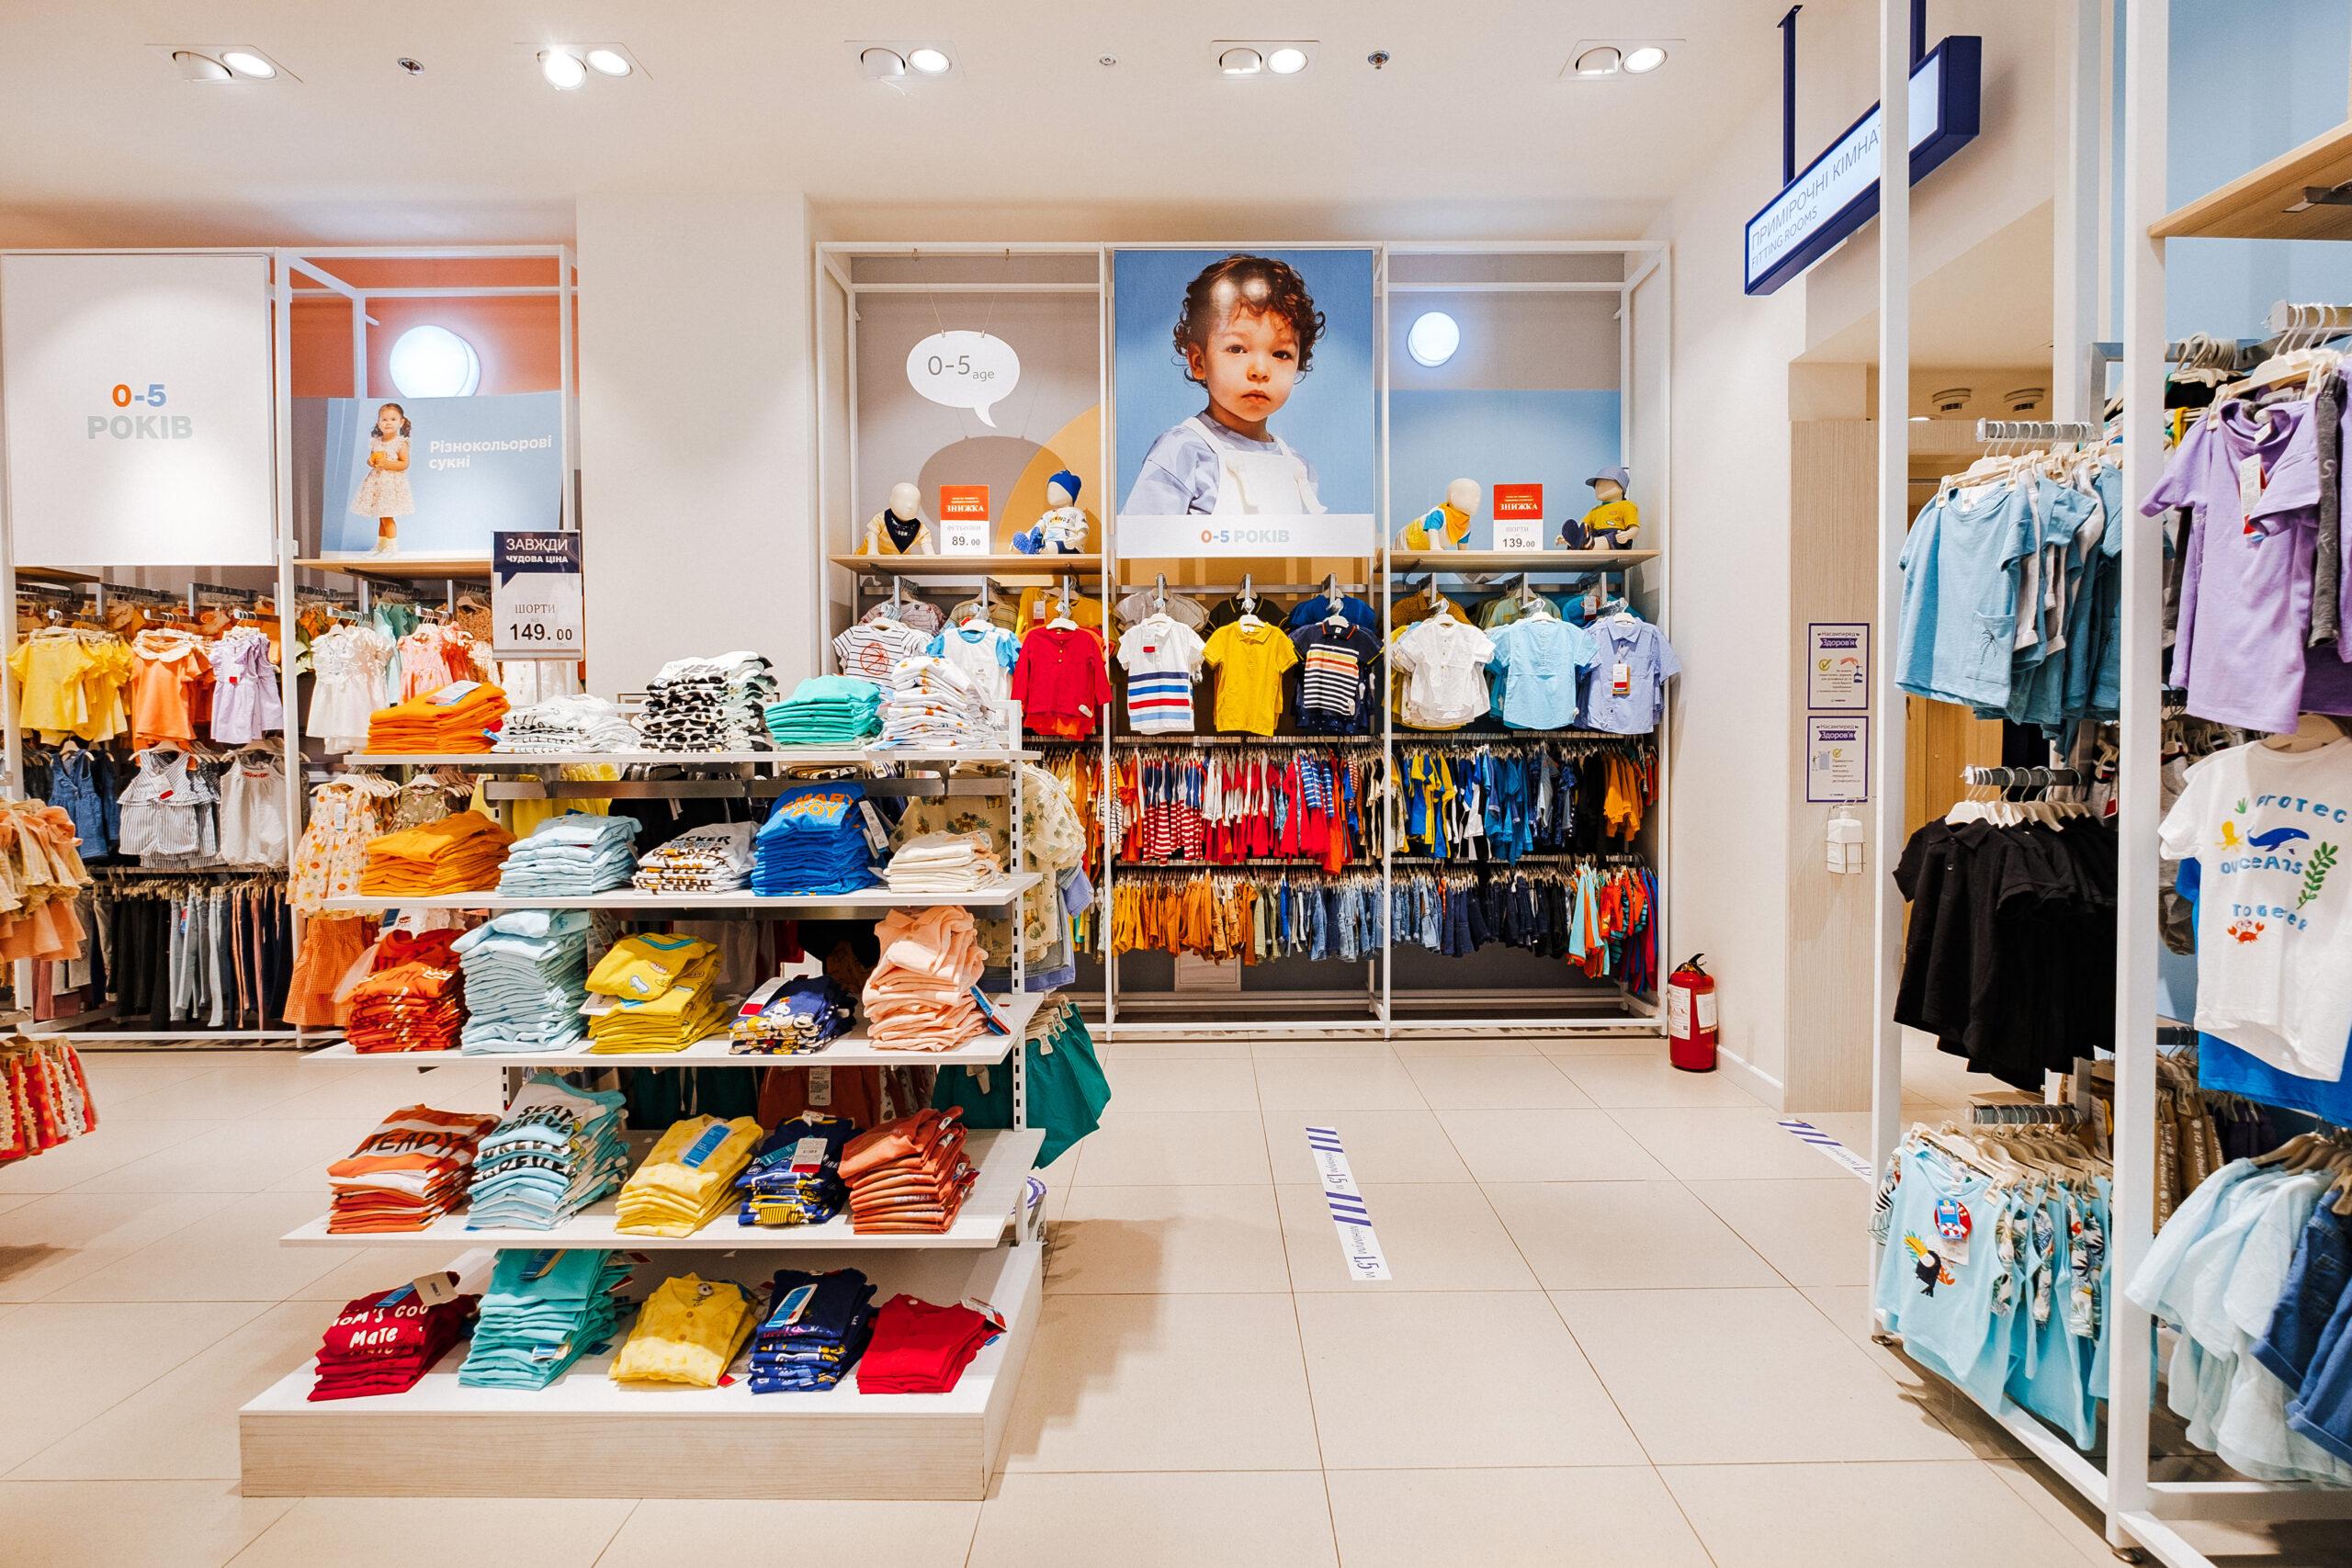 Комфорт покупців в магазині – запорука успішності ритейлера